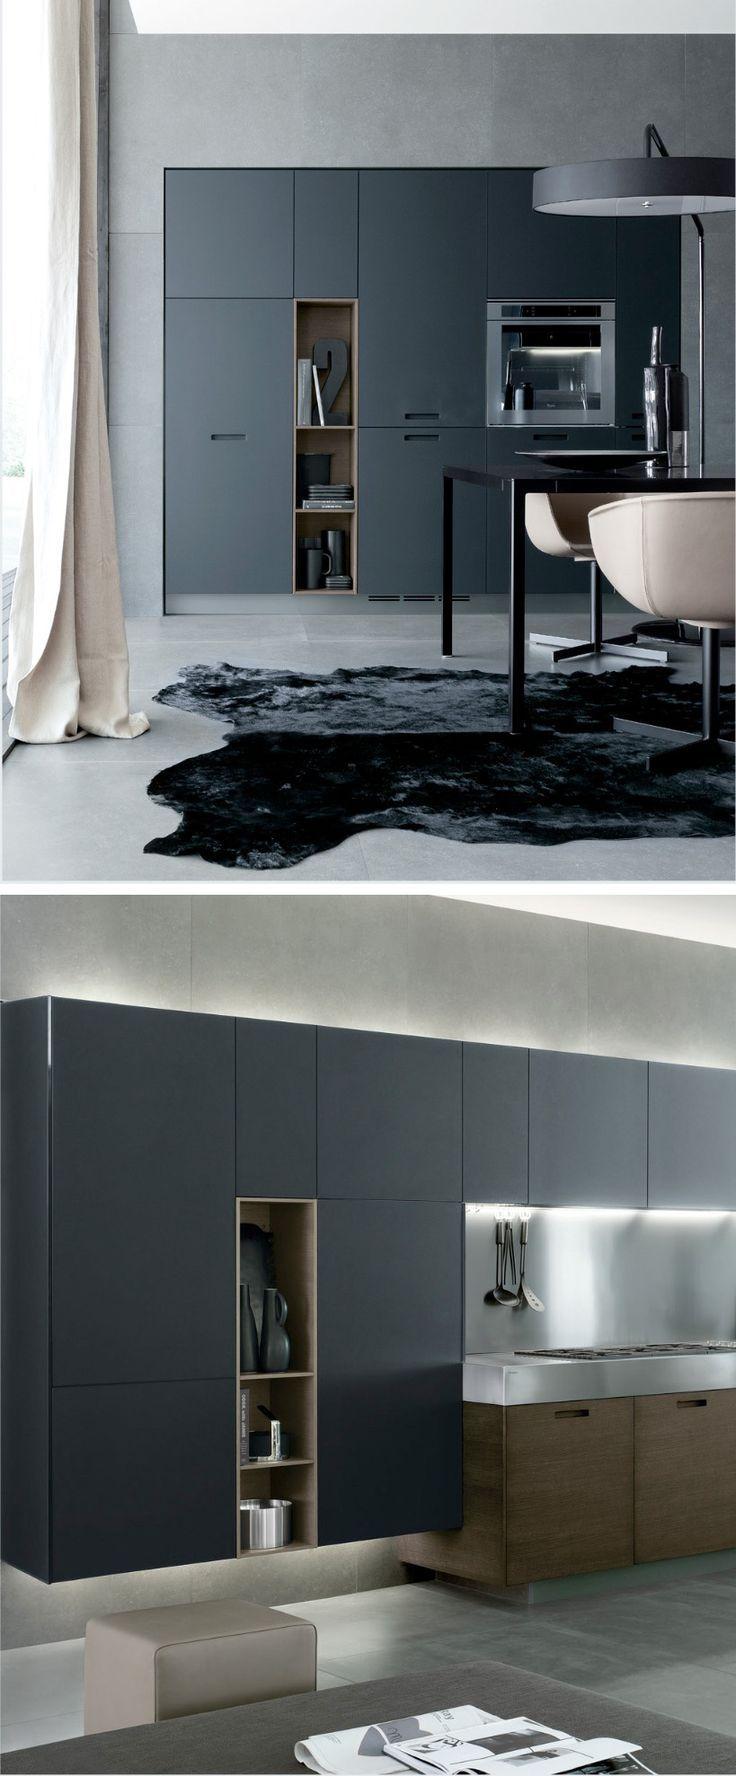 Superb Zwart Is De Modekleur, Maar Ik Vind Deze Tint Grijs/blauw Veel Mooier!